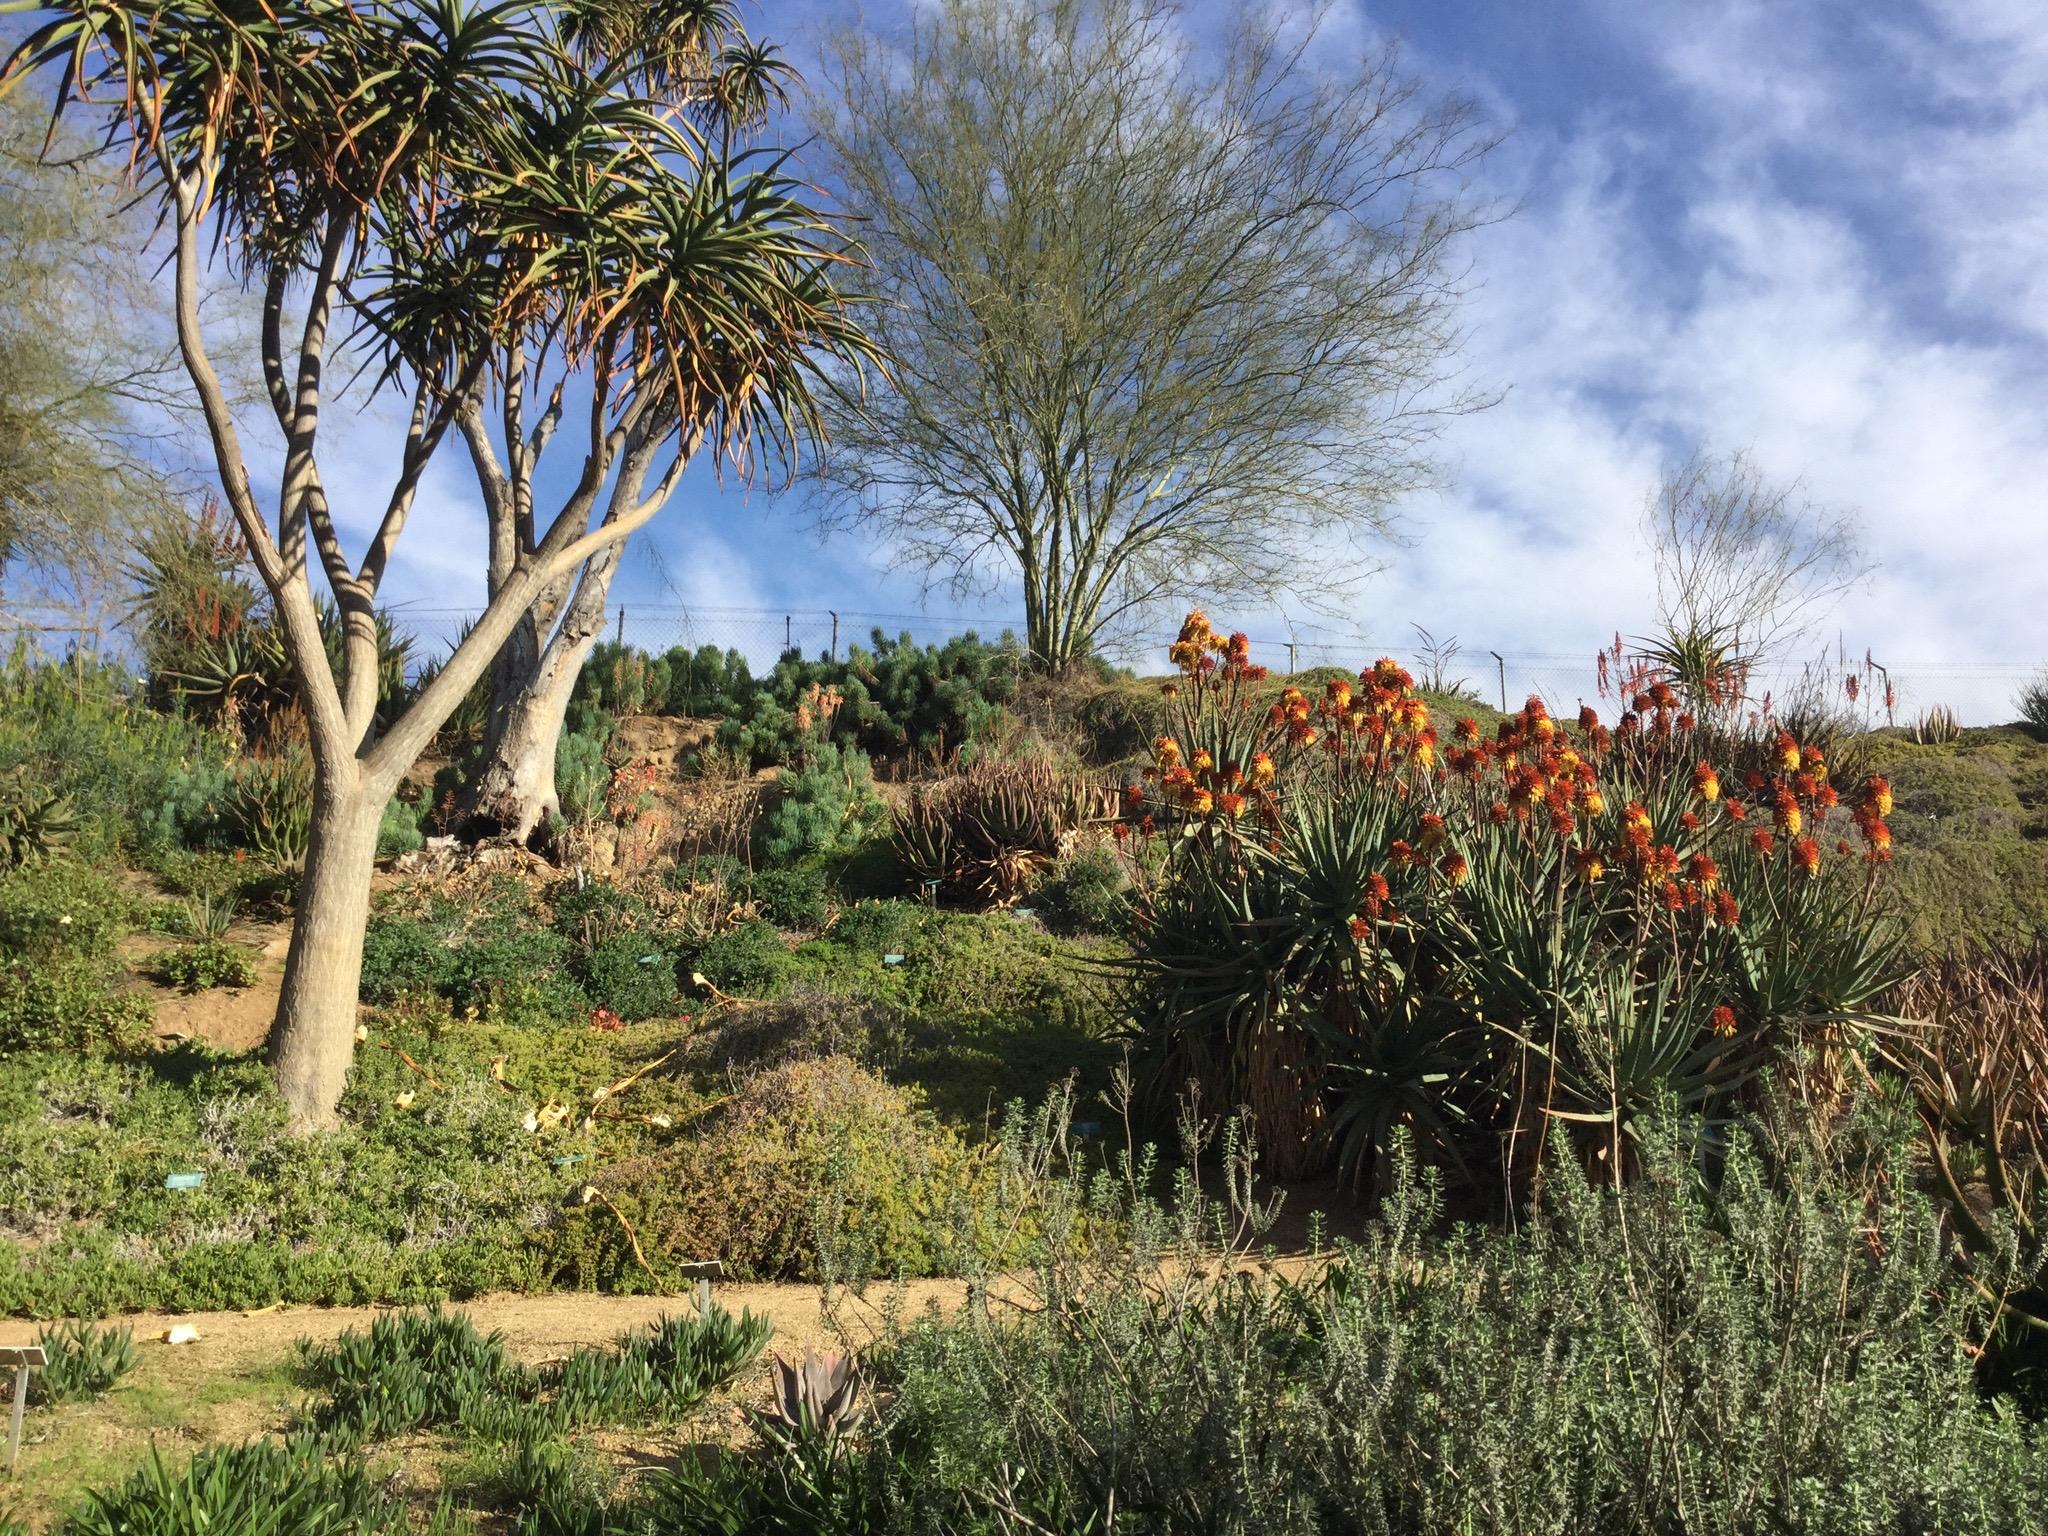 Explore The South African Garden. UC Riverside Botanic Garden. Photo: Aloe,  Tania